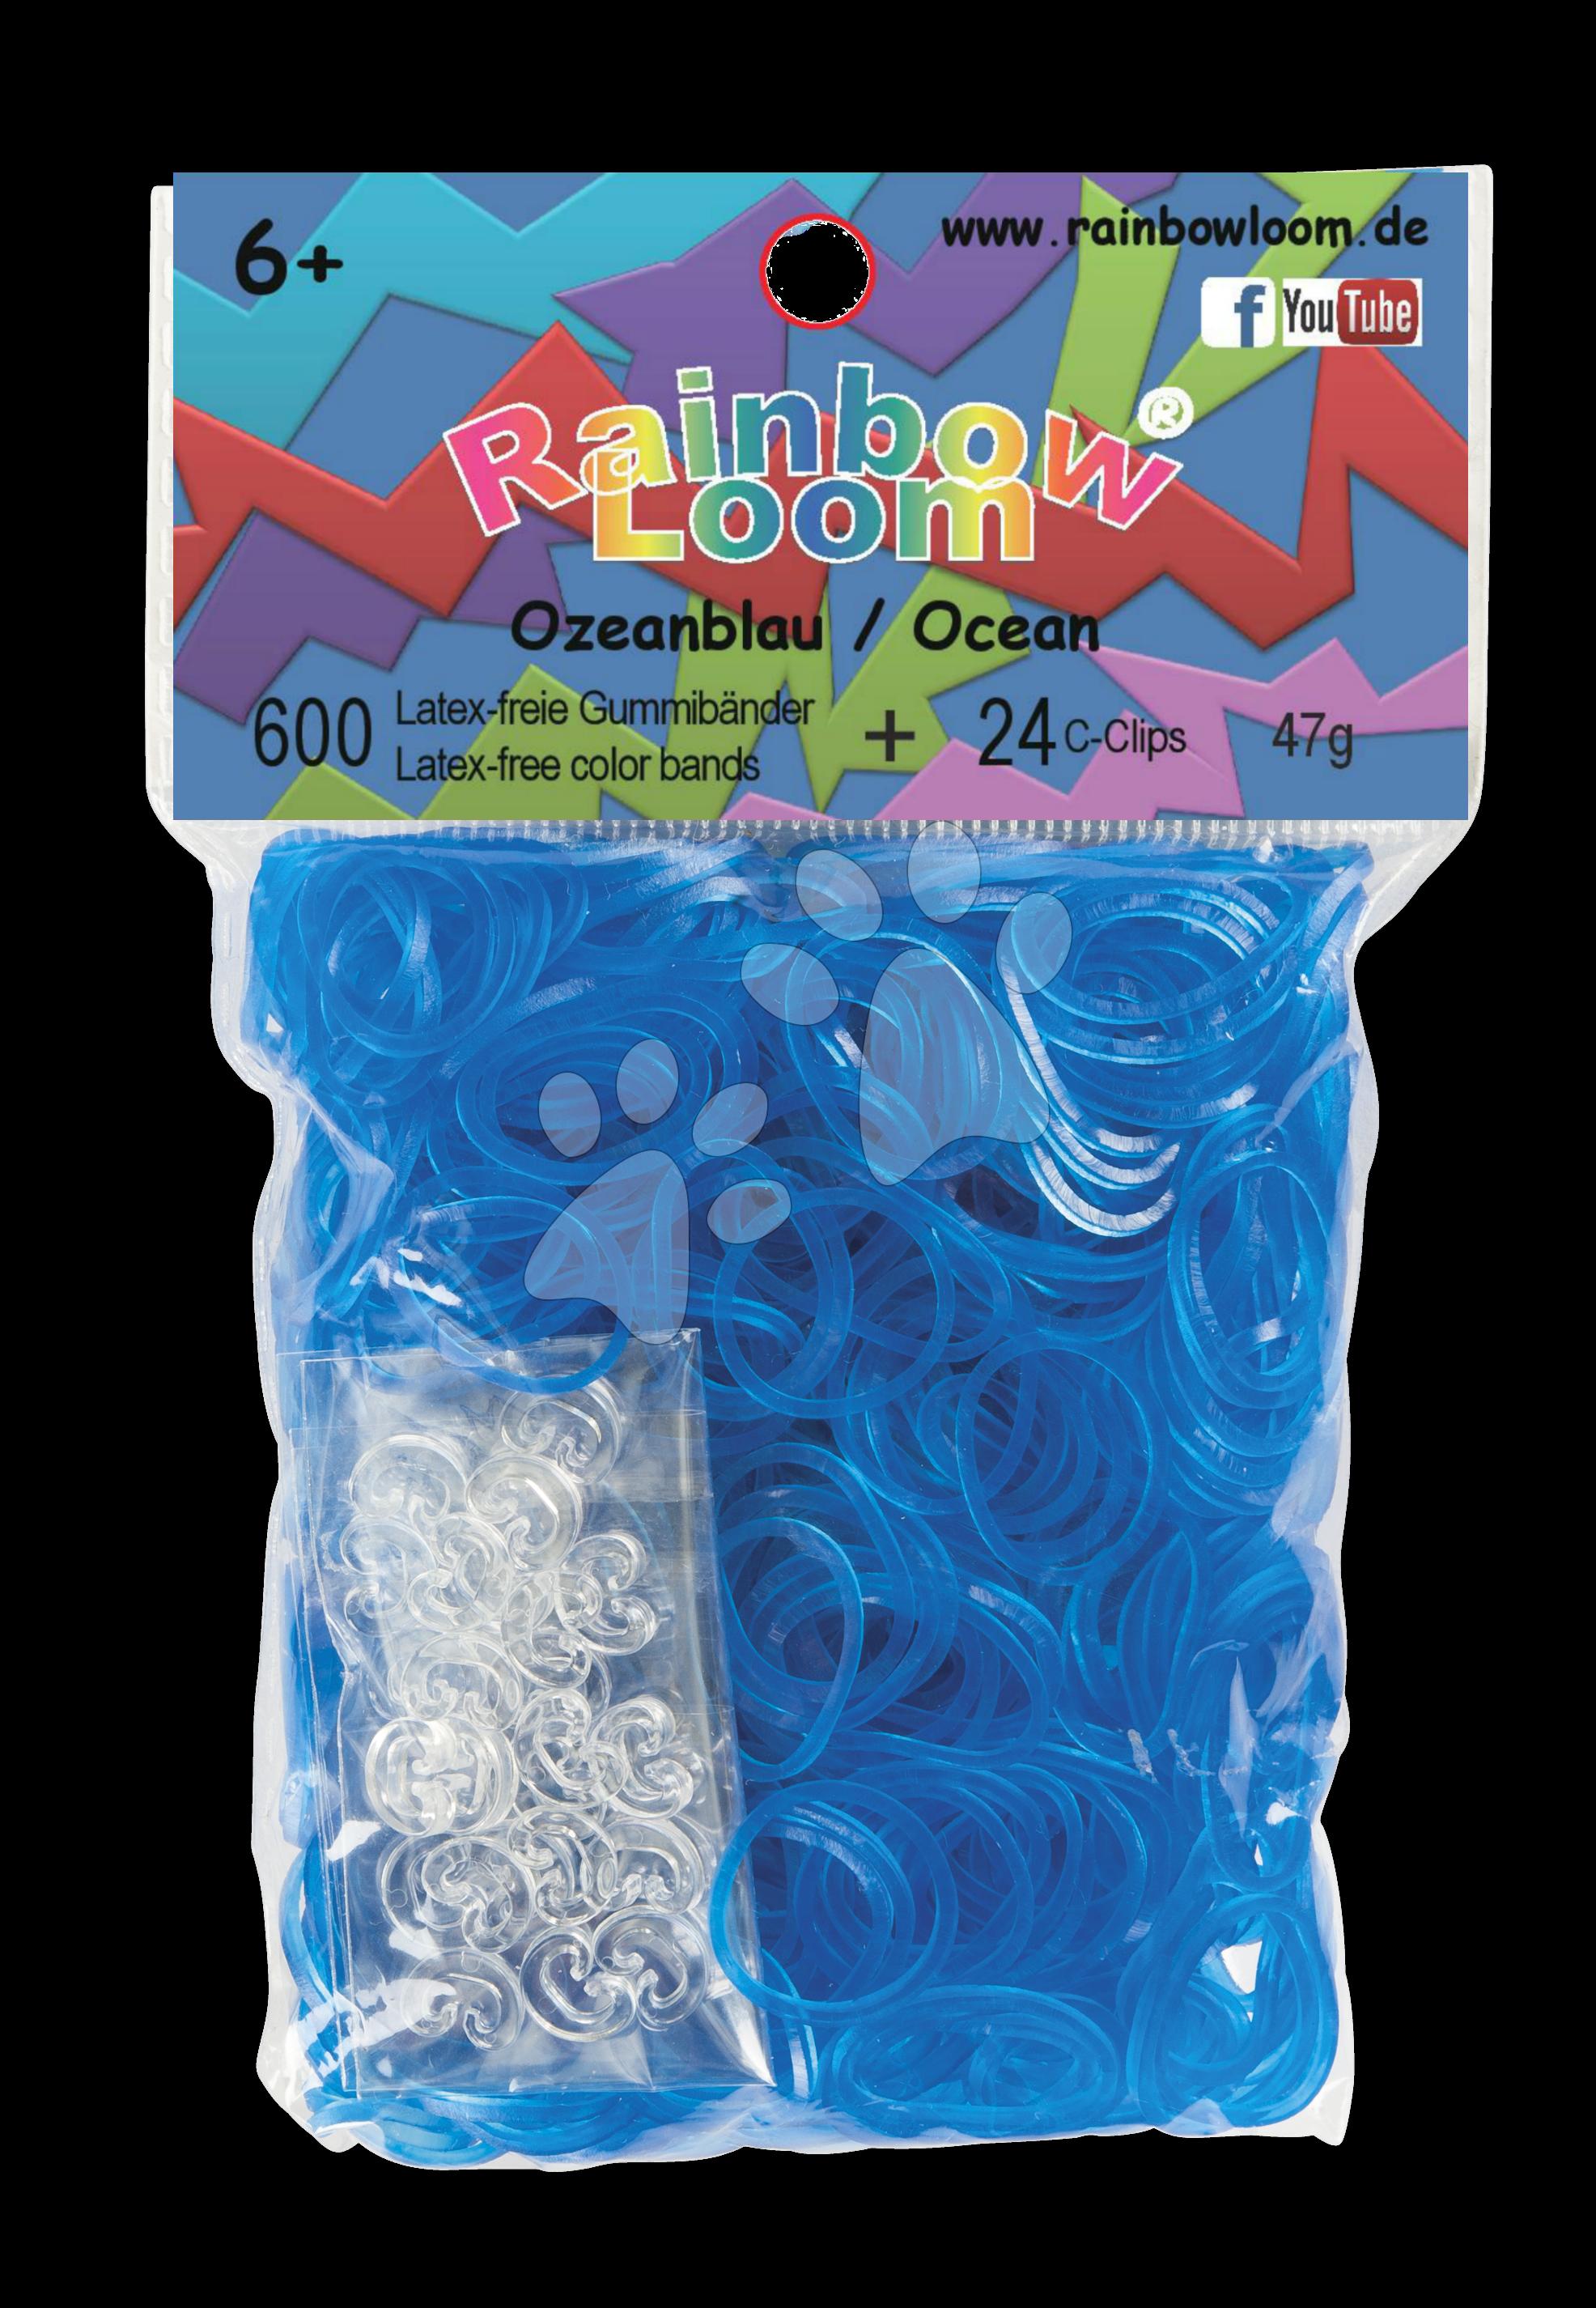 Rainbow Loom gumičky priesvitné - Rainbow Loom originálne transparentné gumičky 600 kusov svetlomodré od 6 rokov